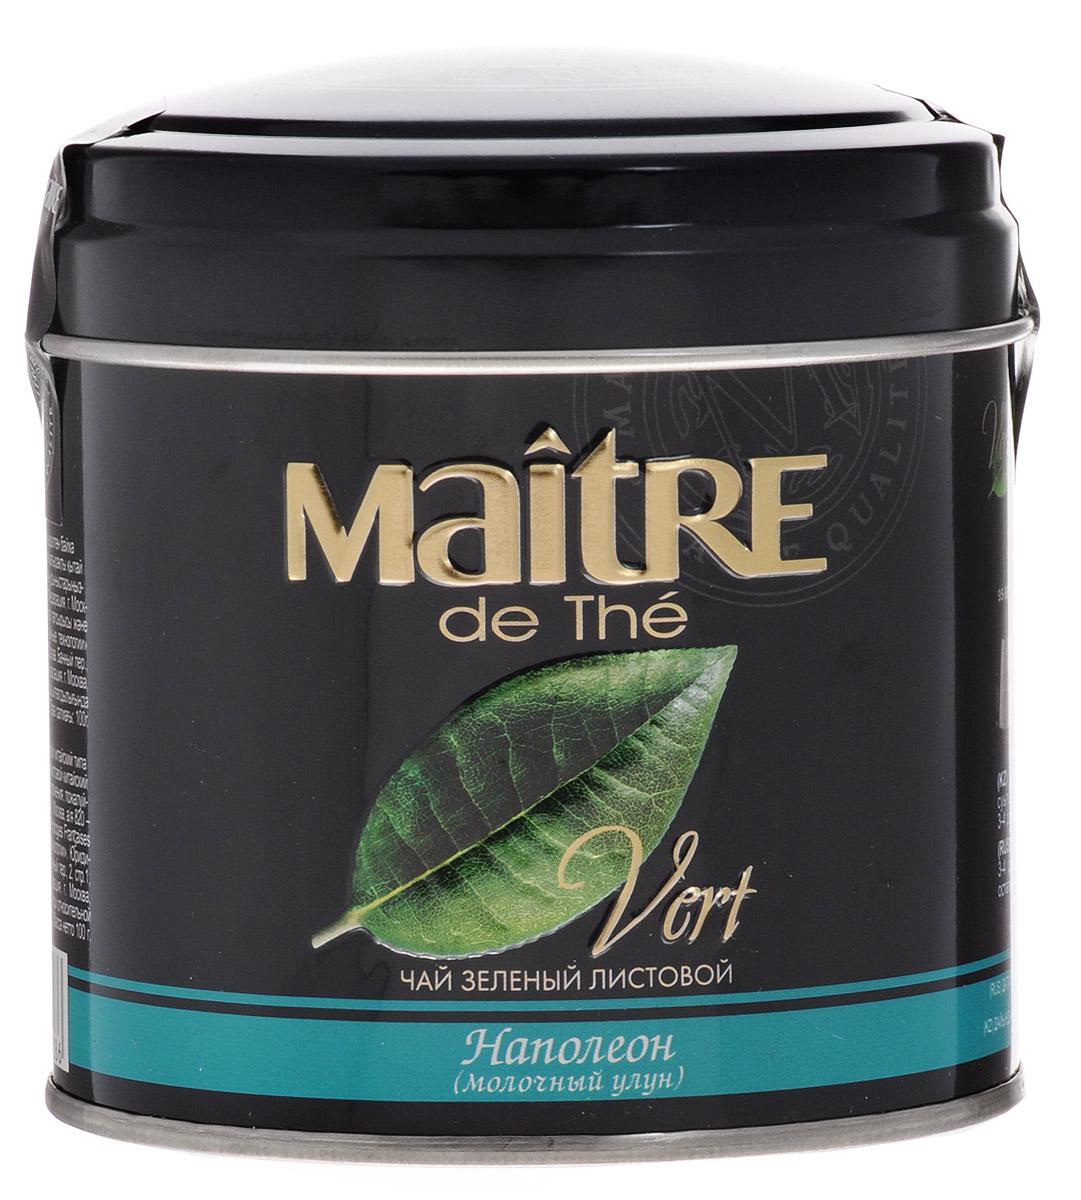 Maitre de The Наполеон (Молочный улун) зеленый листовой чай, 100 г (жестяная банка)бар030рЧай Maitre de The Наполеон с мягким молочным вкусом даёт яркий, прозрачный настой золотистого цвета. Его тонкий аромат с нежным оттенком молочной карамели напоминает нам о тех временах, когда европейские чайные традиции еще только зарождались. Исторические факты говорят о том, что в Европе смешивать чай с молоком первыми стали именно французы, а в Англию это новшество пришло значительно позднее.Чай Maitre de The Наполеон изготовлен по технологии улунских чаев в китайской провинции Фуцзянь. Появившись в Европе, он обрёл множество поклонников среди ценителей чая. Мэтр де Тэ рекомендует чай Наполеон всем тем, кто ценит в общении искренность и открытость. Этот напиток располагает к возникновению атмосферы доверия между самыми разными людьми.Чай Maitre de The Наполеон отлично подойдёт в качестве подарка, говорящего о вашем искреннем расположении.